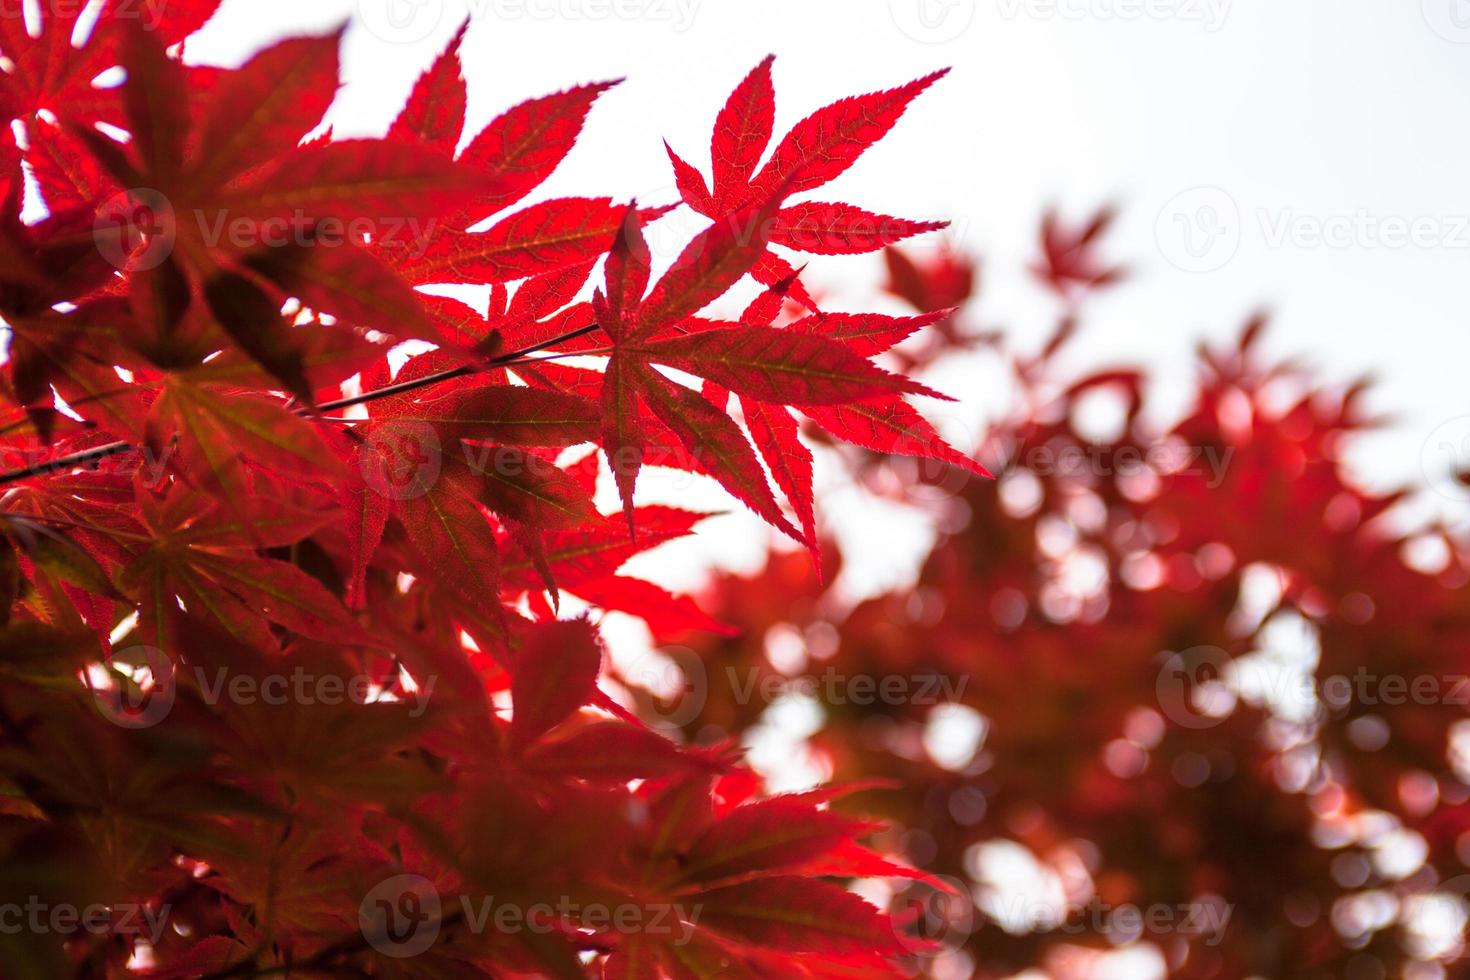 rosa blad av den japanska lönnen (acer palmatum) foto